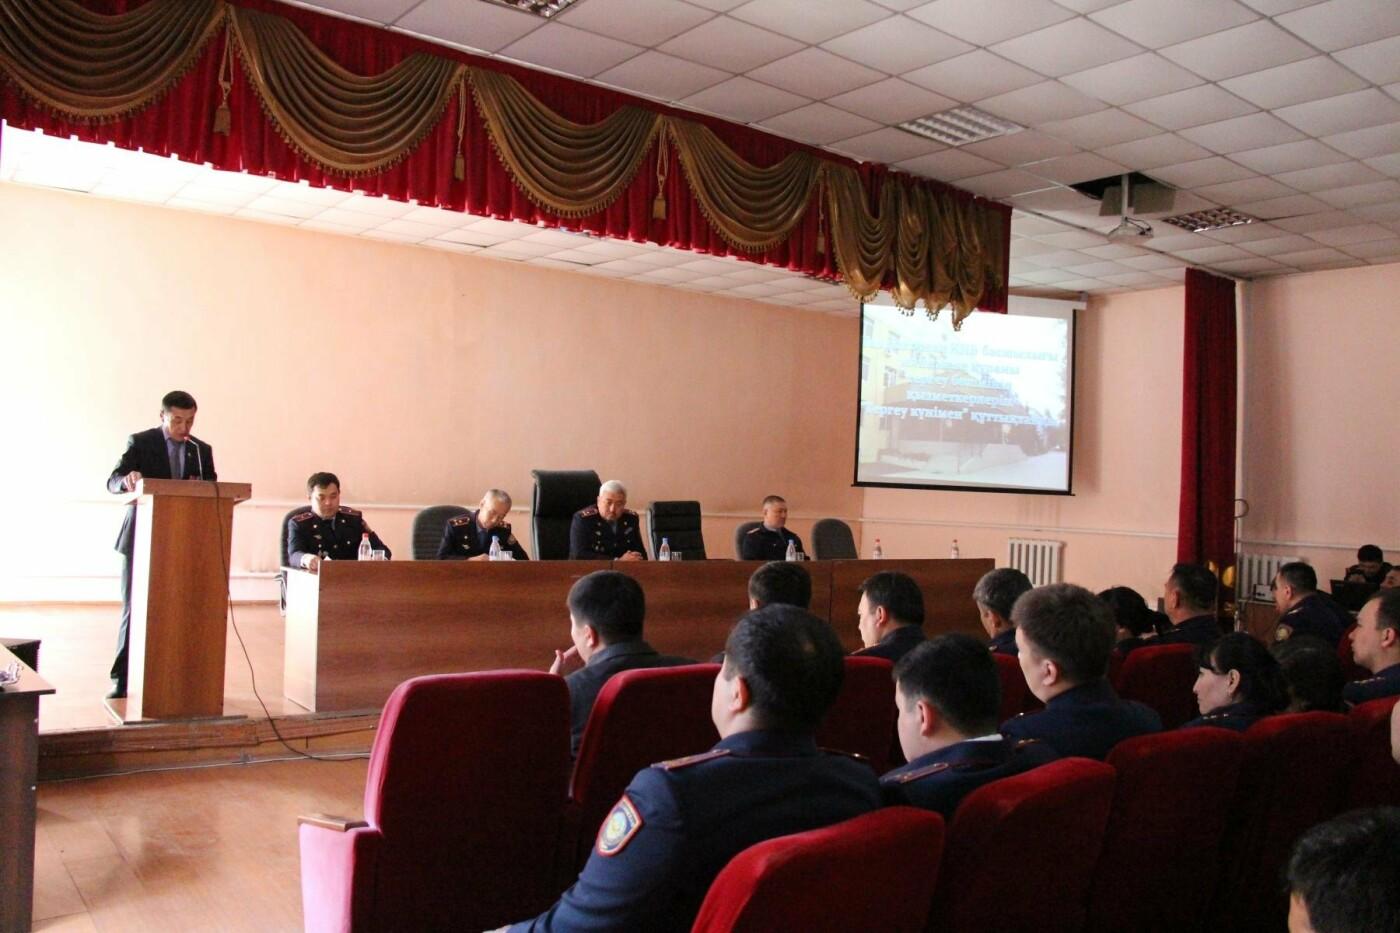 В талдыкорганском УВД торжественно отметили юбилейную дату следственных органов, фото-2